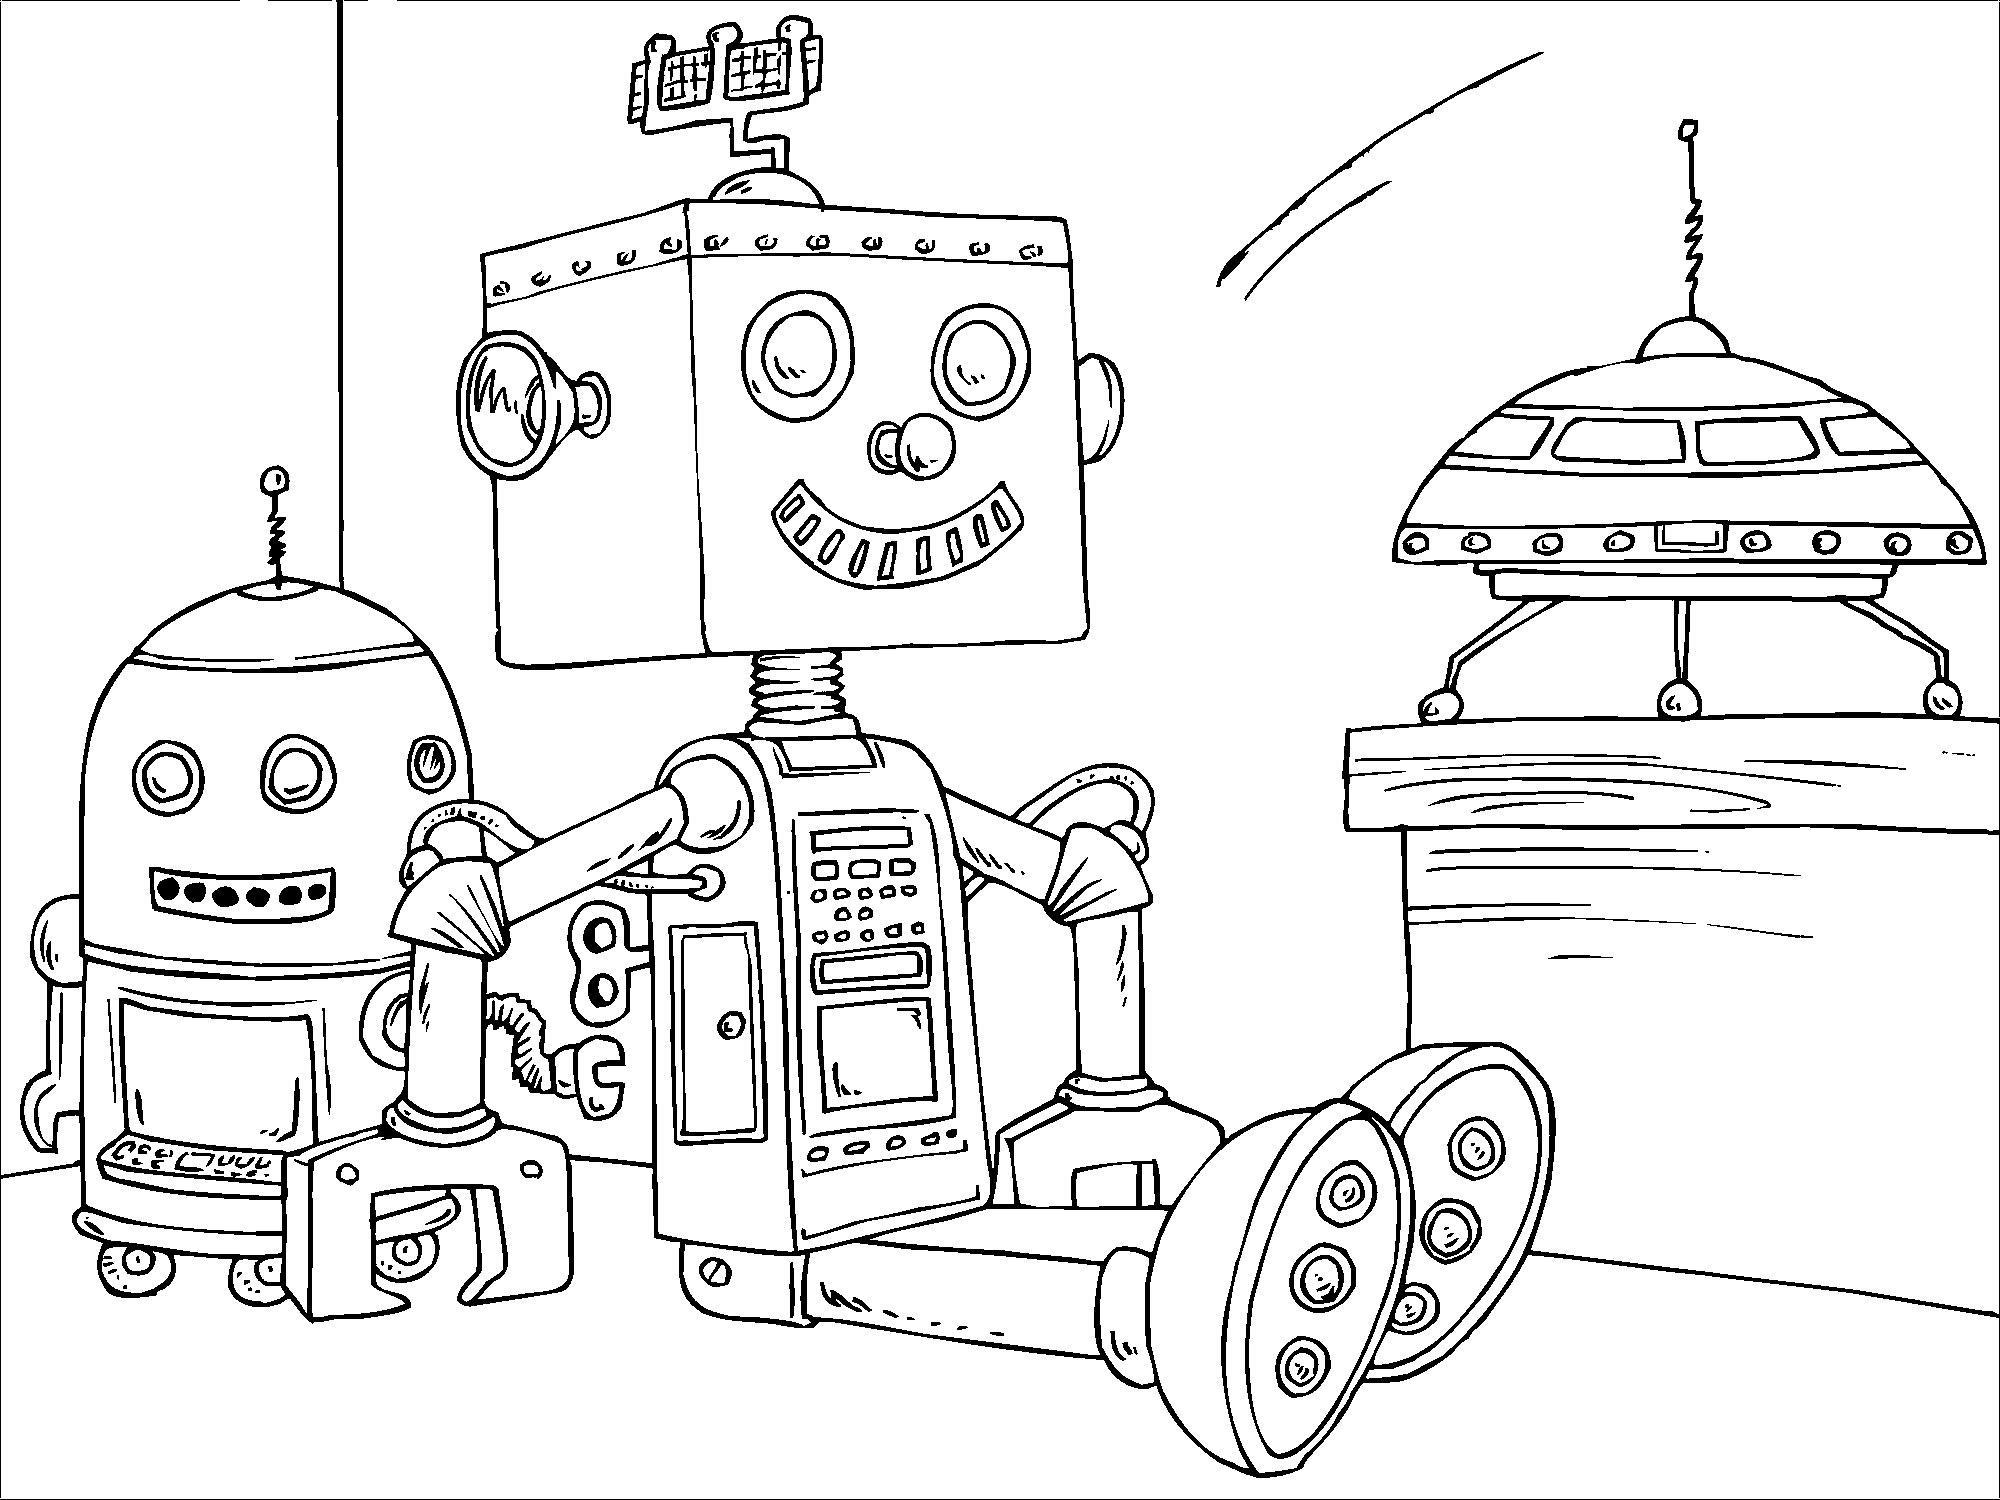 Tổng hợp 50 bức tranh tô màu Robot cho bé trai sáng tạo, mạnh mẽ